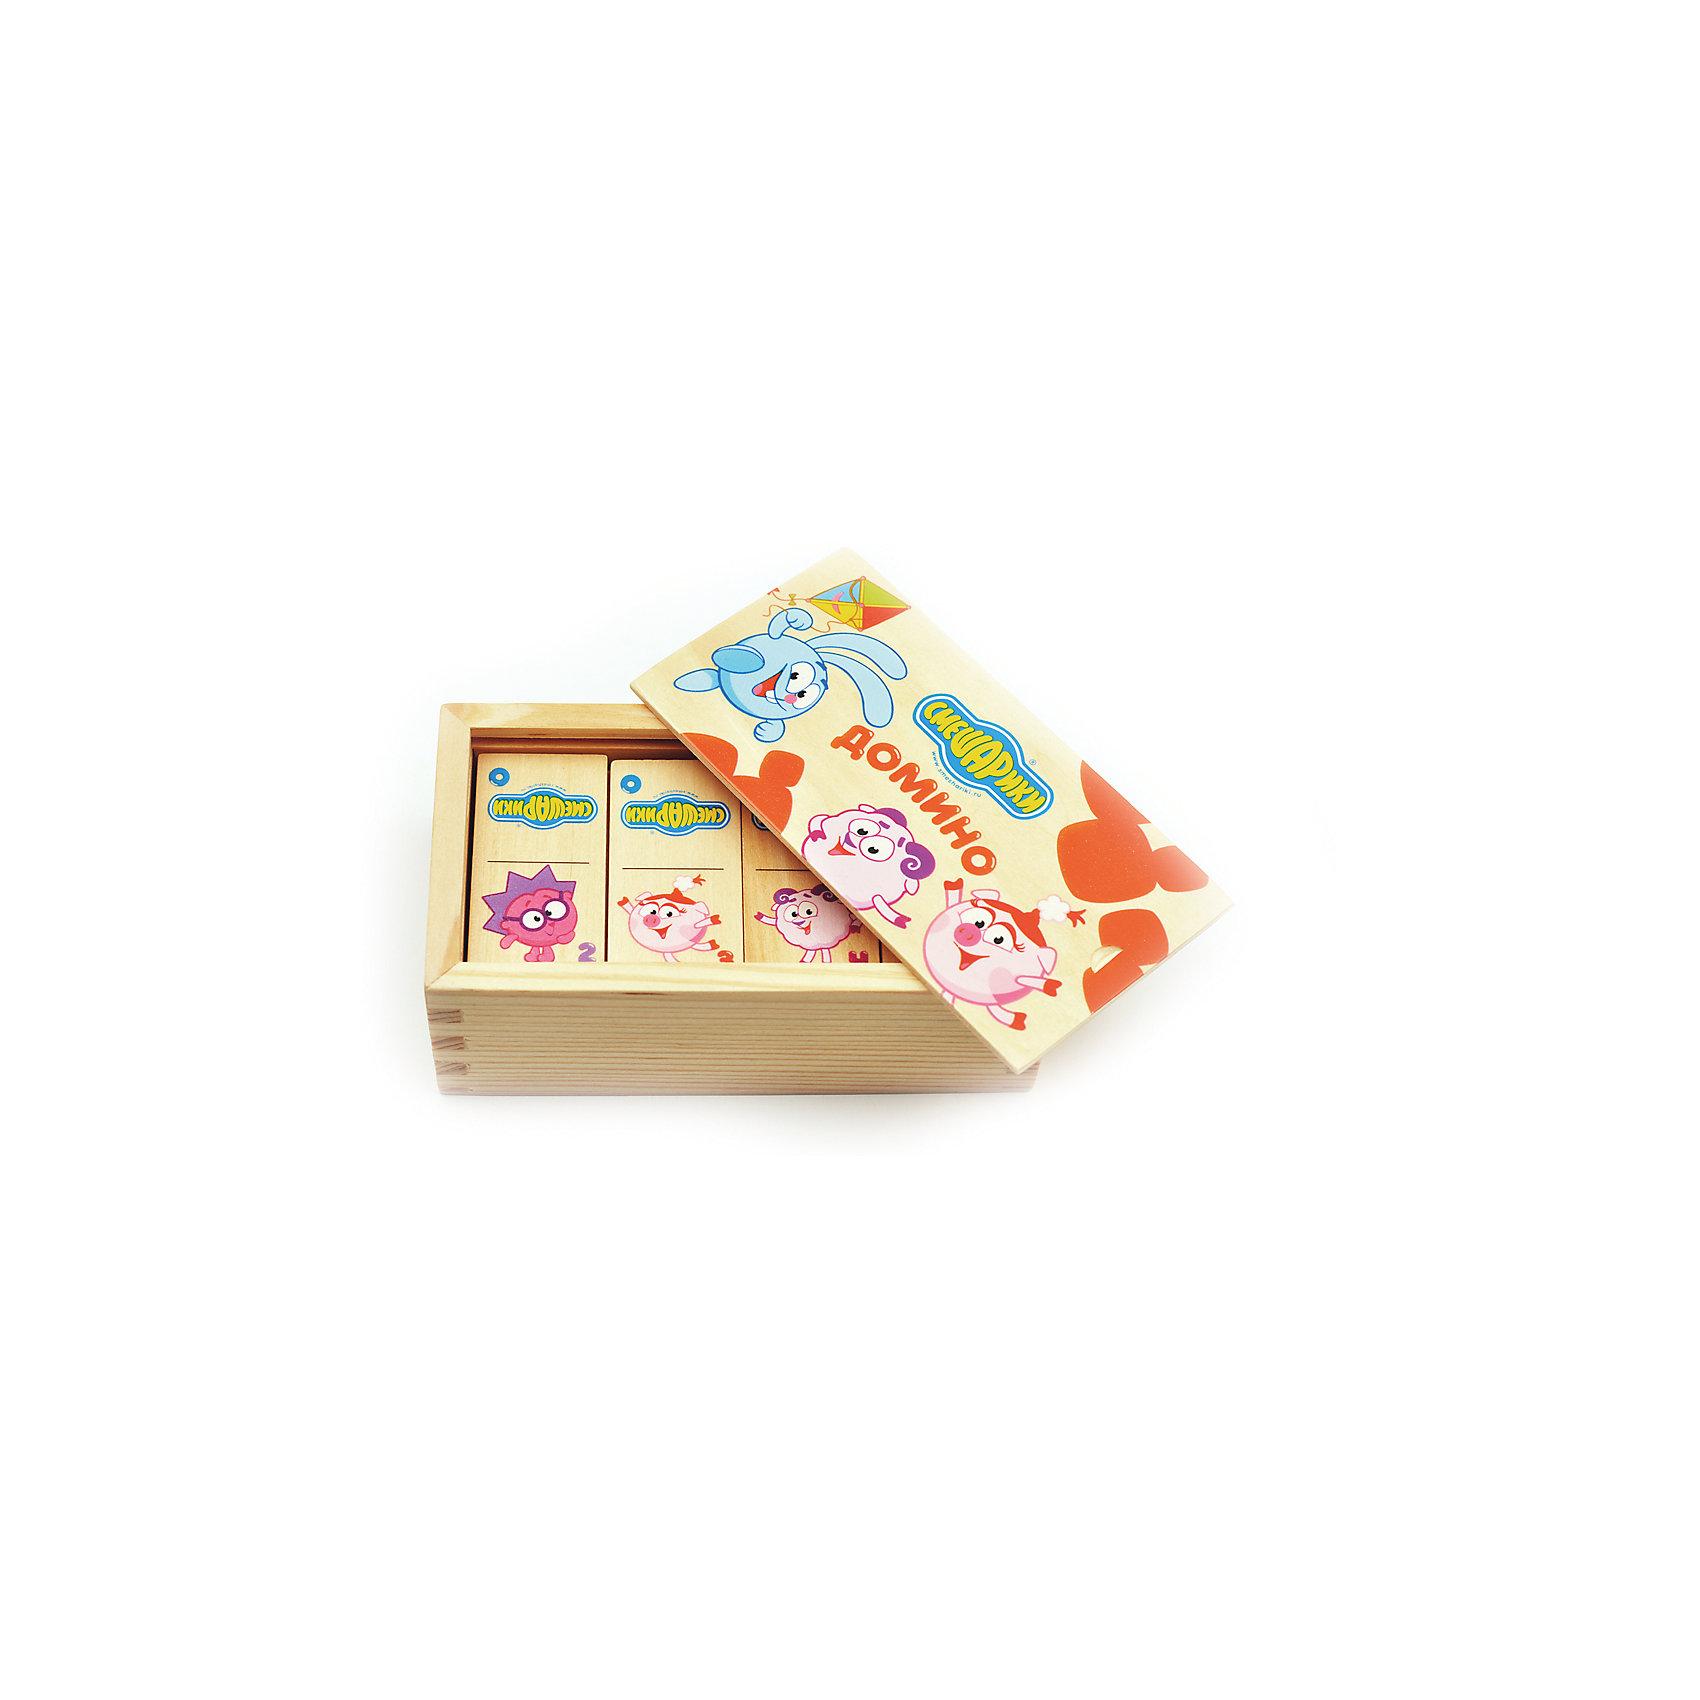 Домино Смешарики, Мир деревянных игрушек